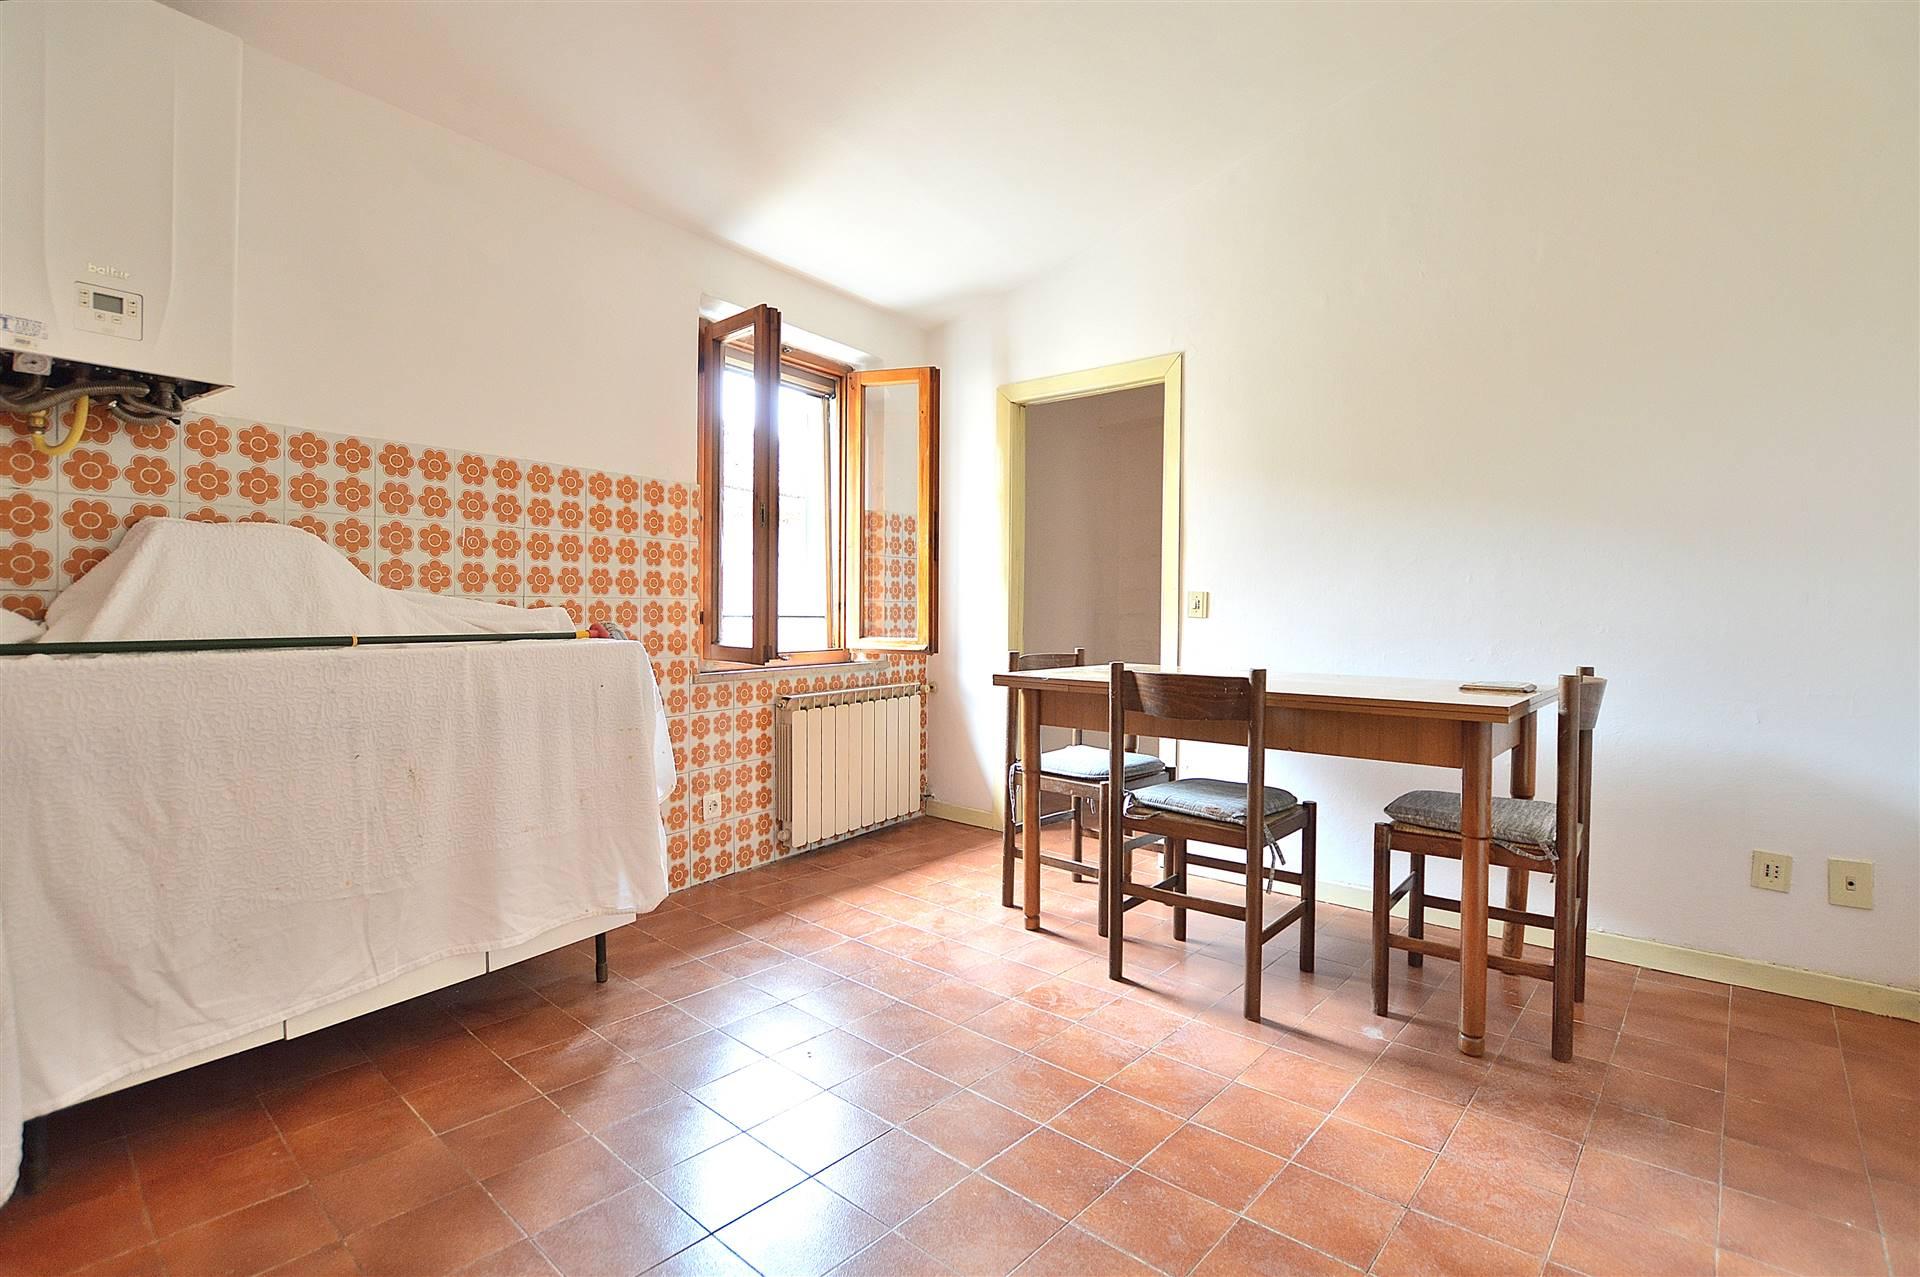 Monteroni d'Arbia, in zona centrale e servita, proponiamo appartamento posto al secondo ed ultimo piano di una piccola palazzina così composto: ingresso, luminoso soggiorno con affaccio sul terrazzo